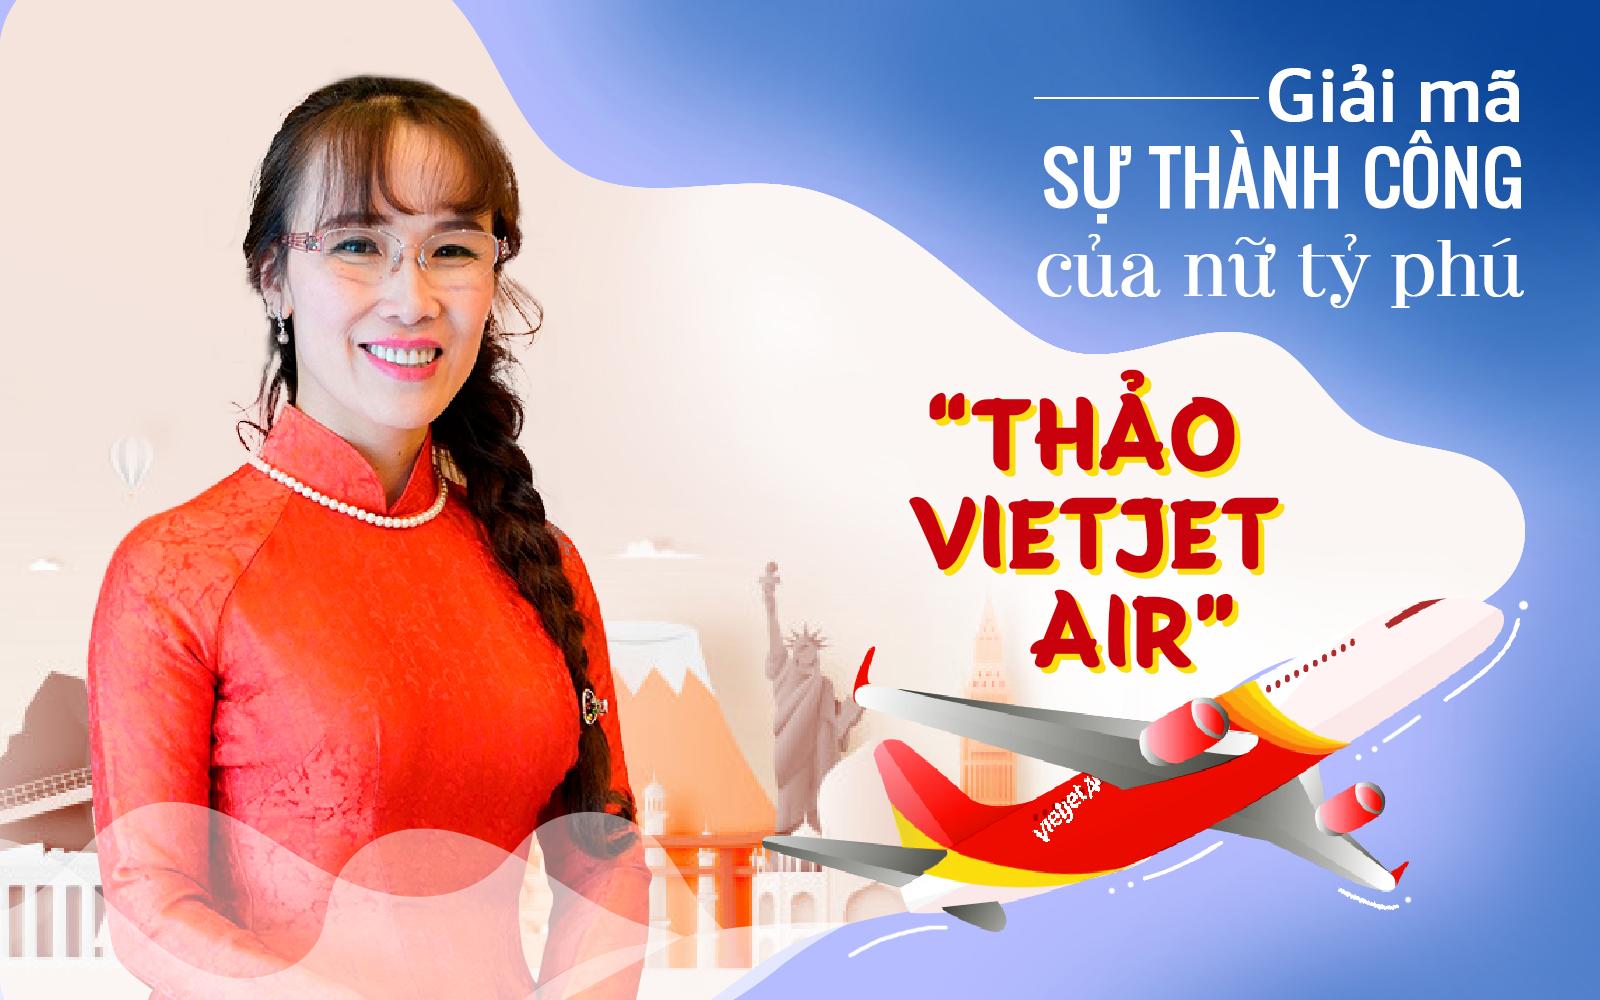 """Giải mã sự thành công của nữ tỷ phú """"Thảo VietJet Air"""""""